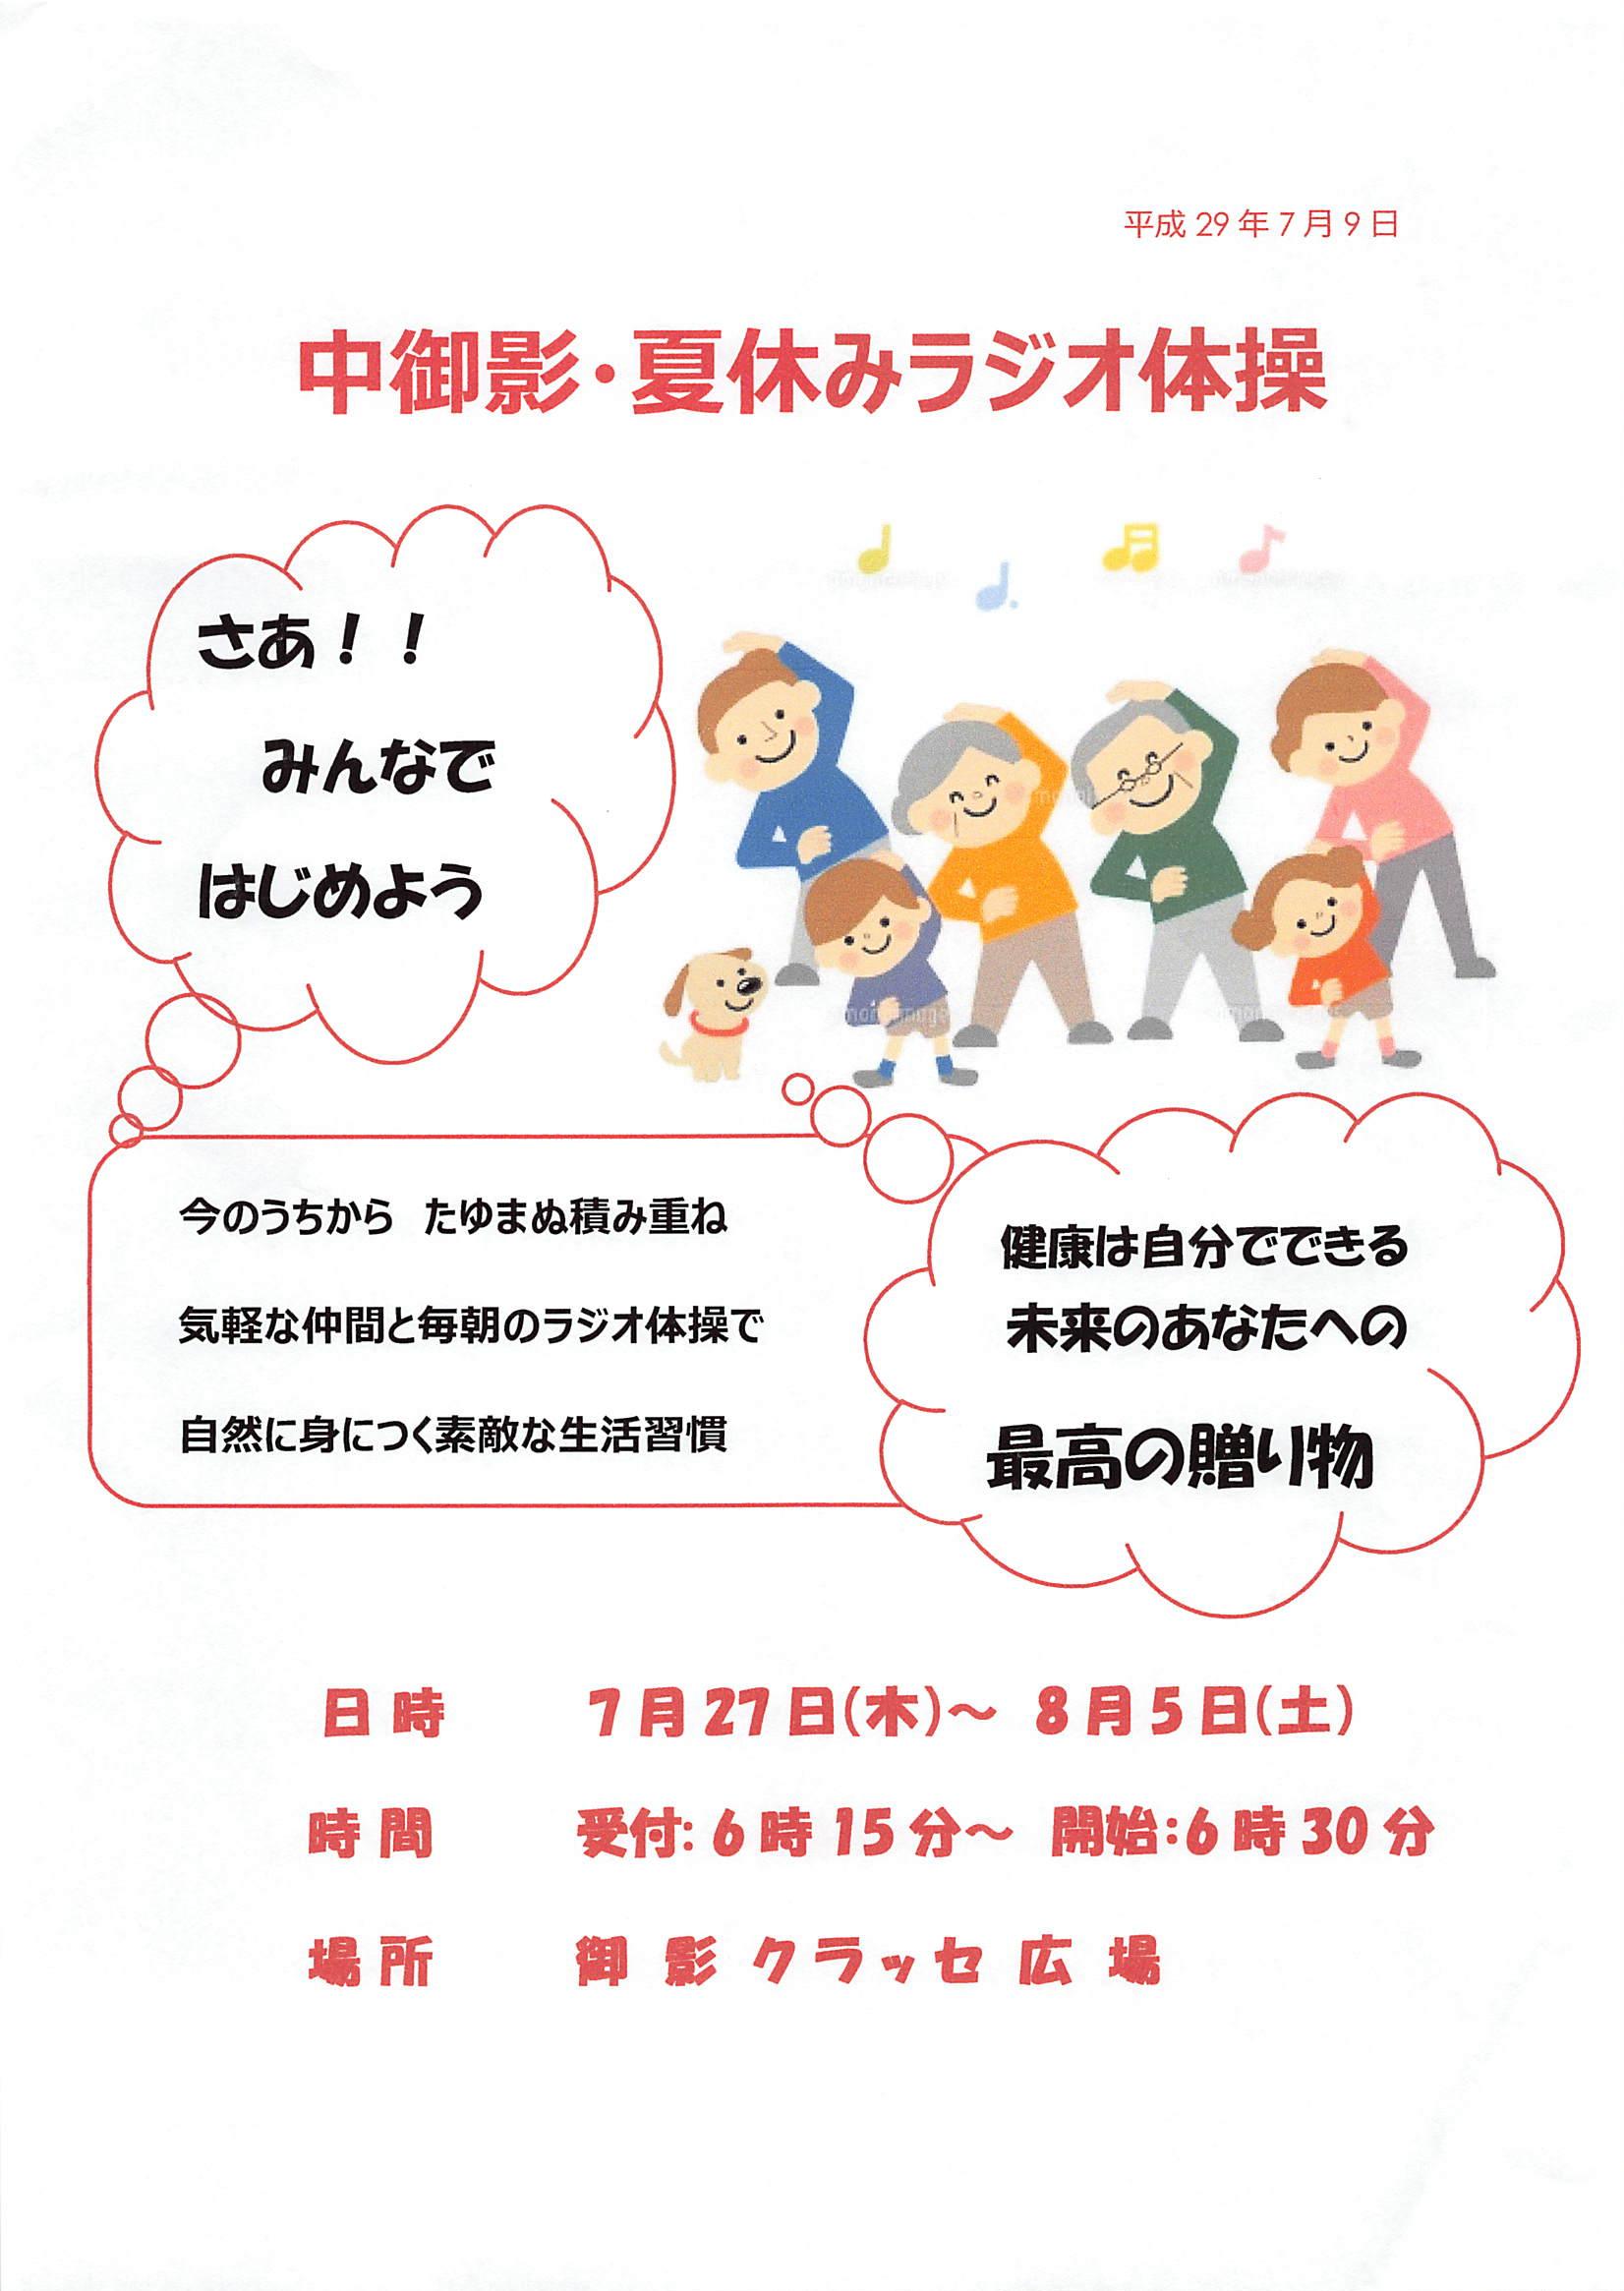 2017 中御影・夏休みラジオ体操